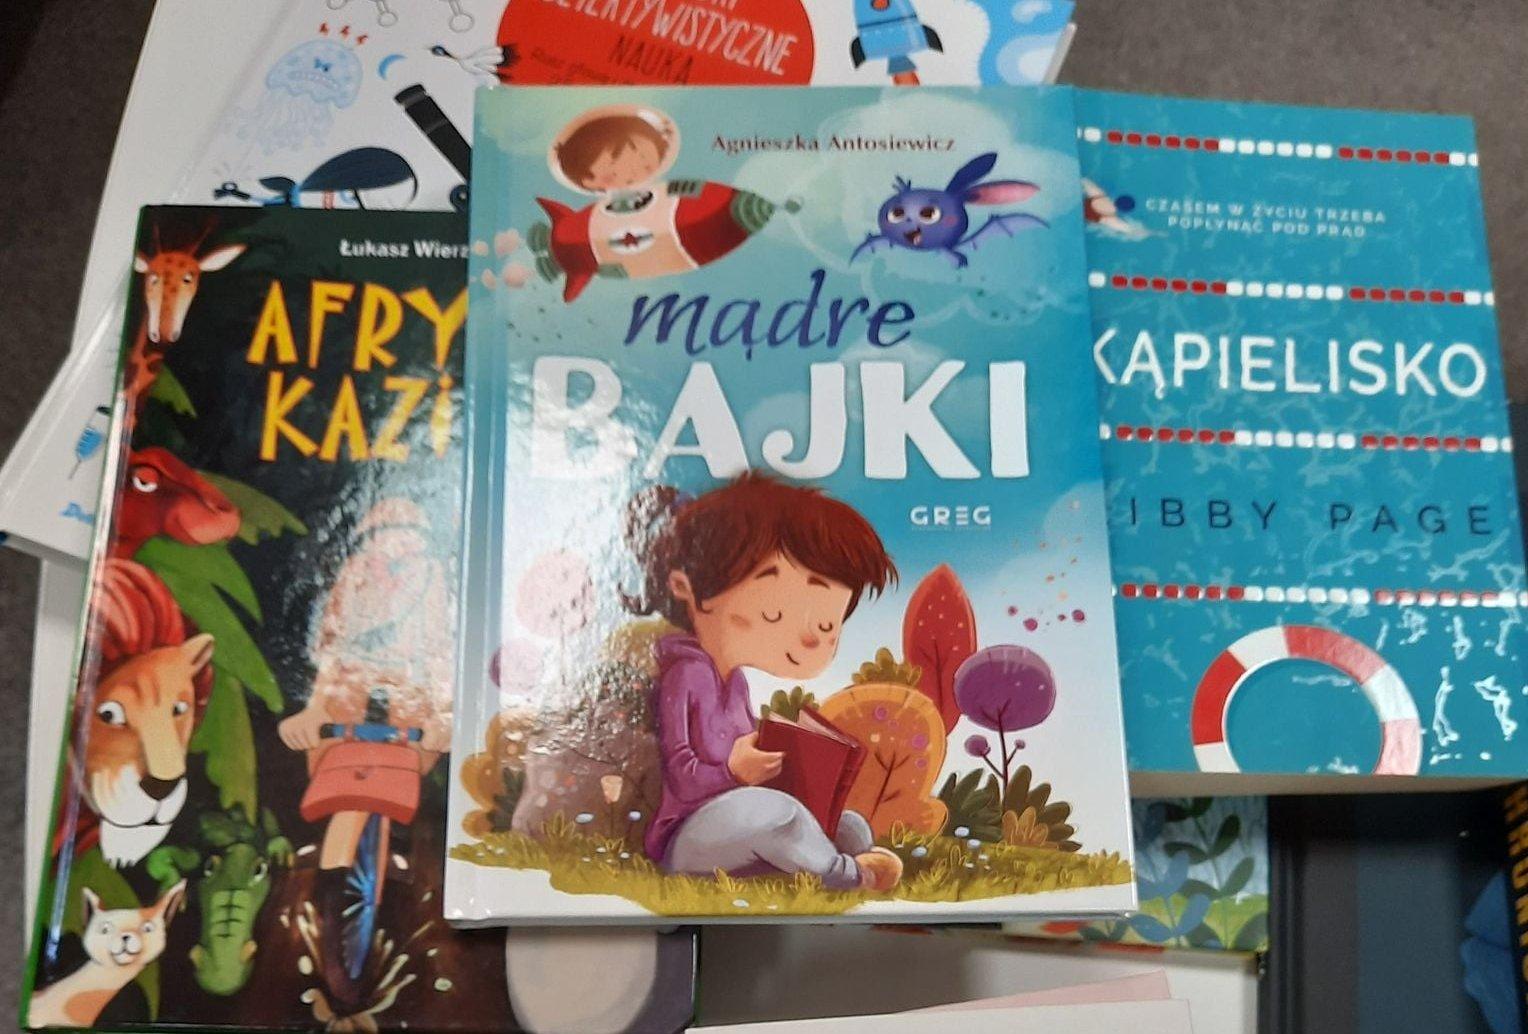 Biblioteka  Publiczna w Komańczy wzbogaciła się o nowości czytelnicze! [ZDJĘCIA] - Zdjęcie główne